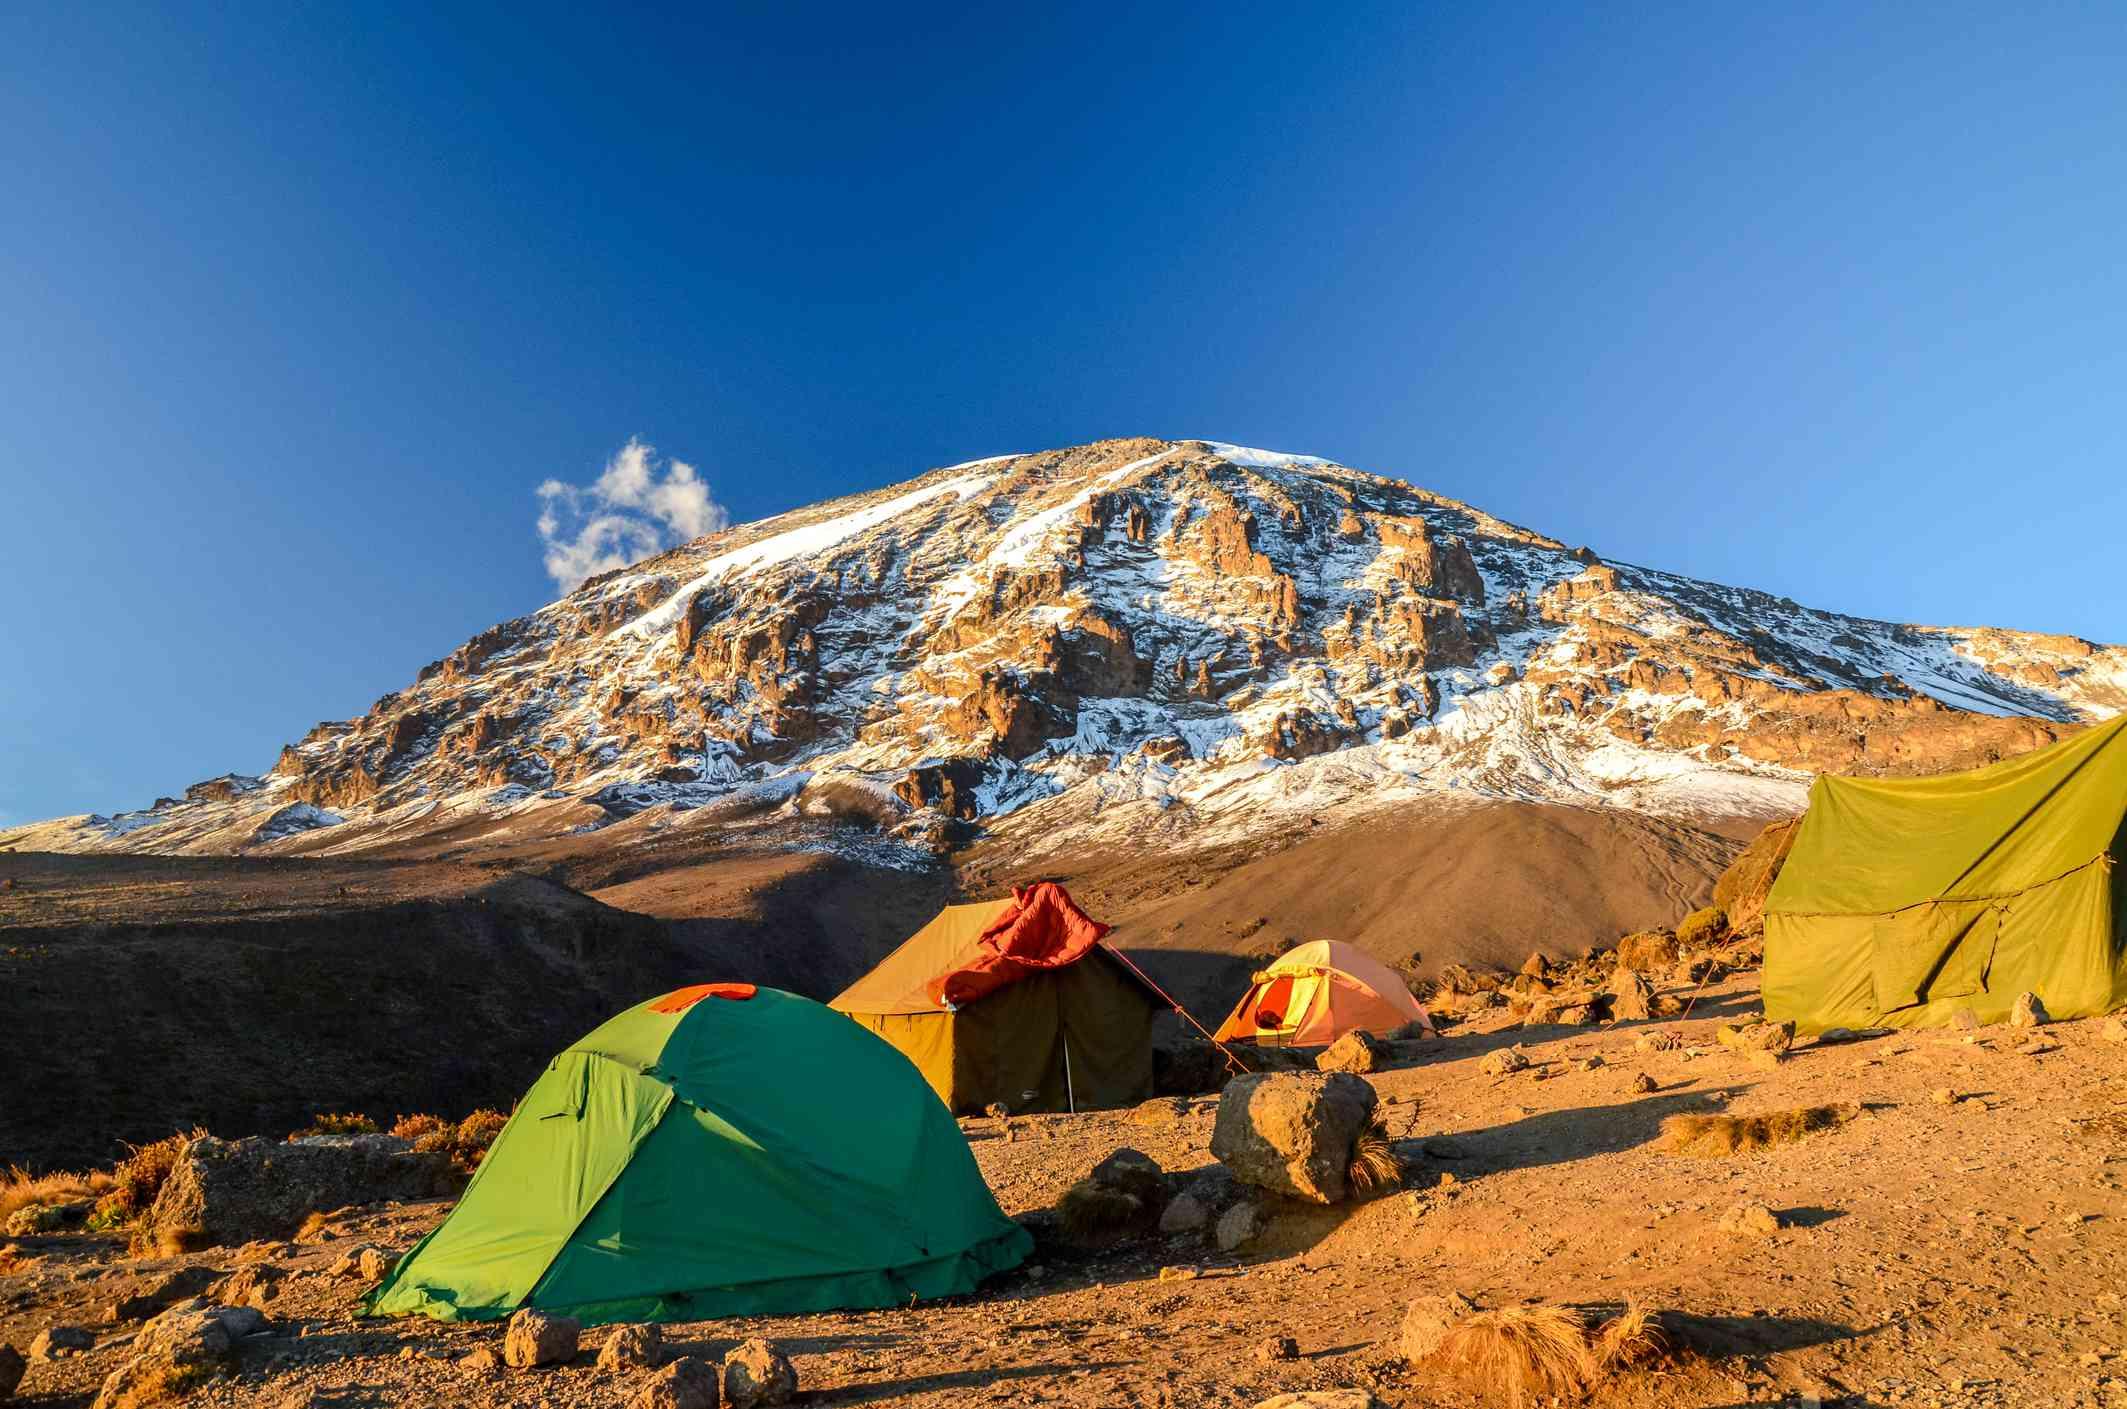 Kilimanjaro and camping tents - Tanzania, Africa